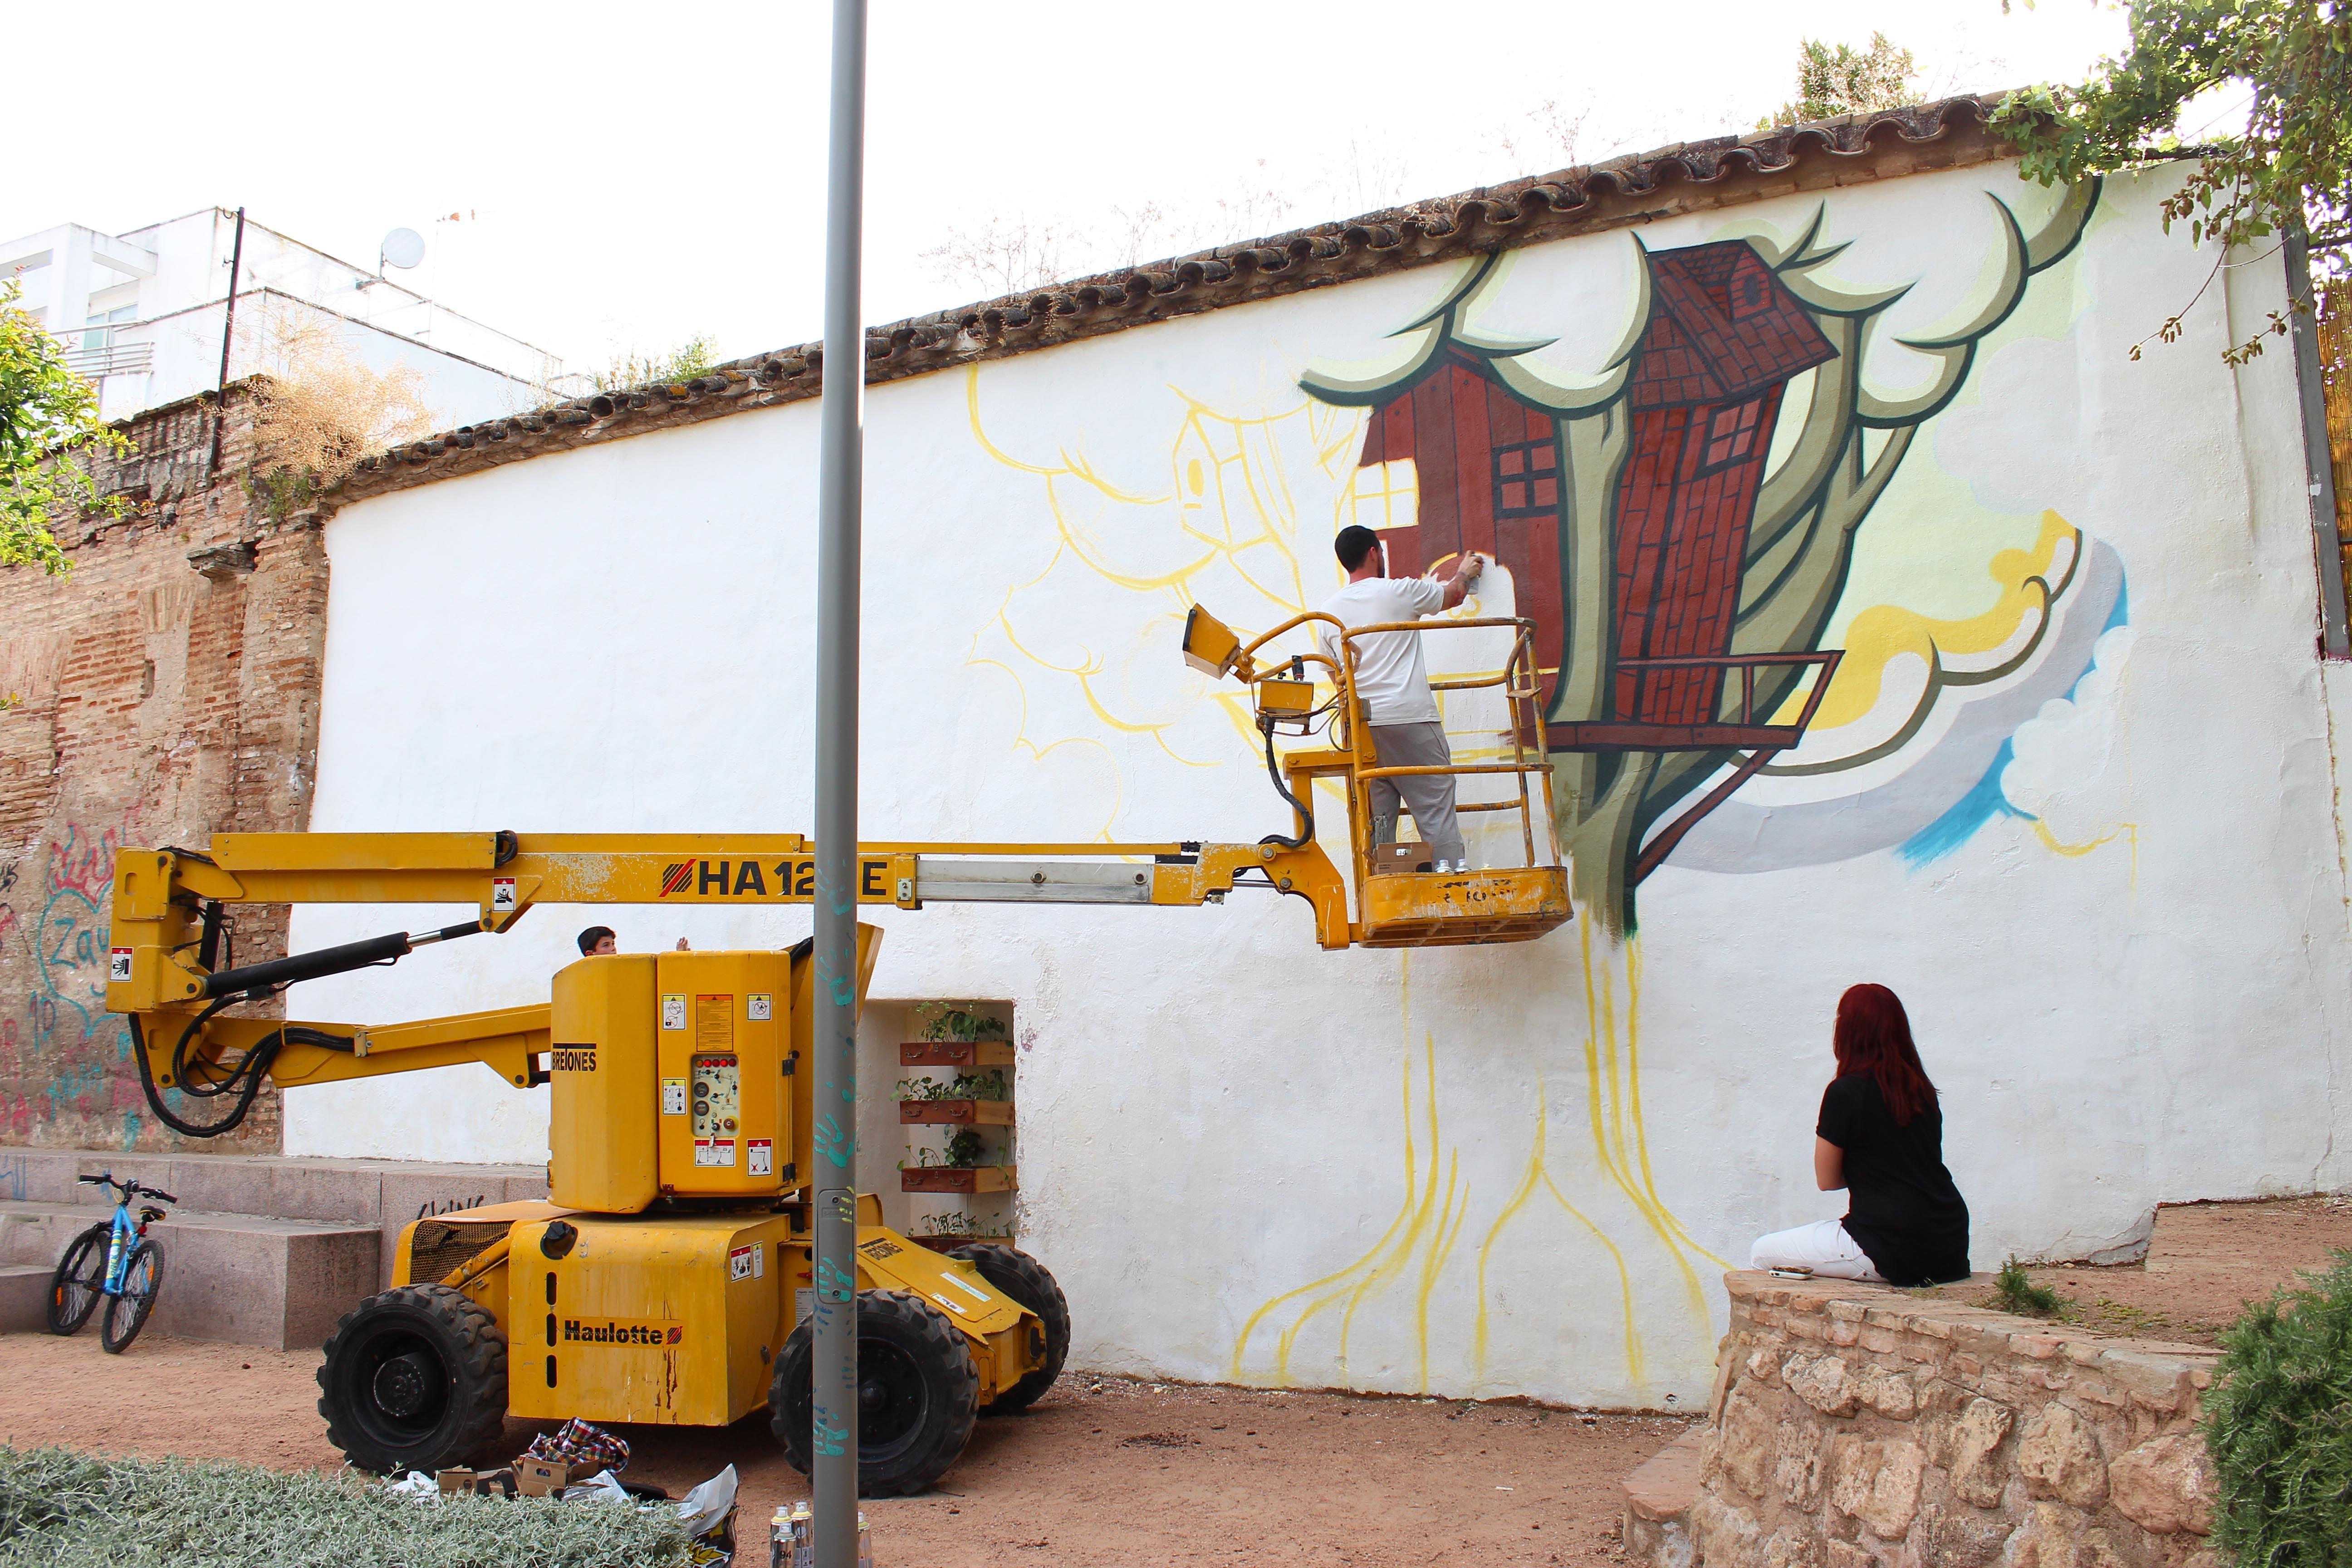 Photo: Versos en el Jardín, a cargo de Daniel Herrera   El duro trabajo empieza a dar sus frutos, la mitad de la casa esta casi terminada.  Fotografía: Daniel González De Mingo